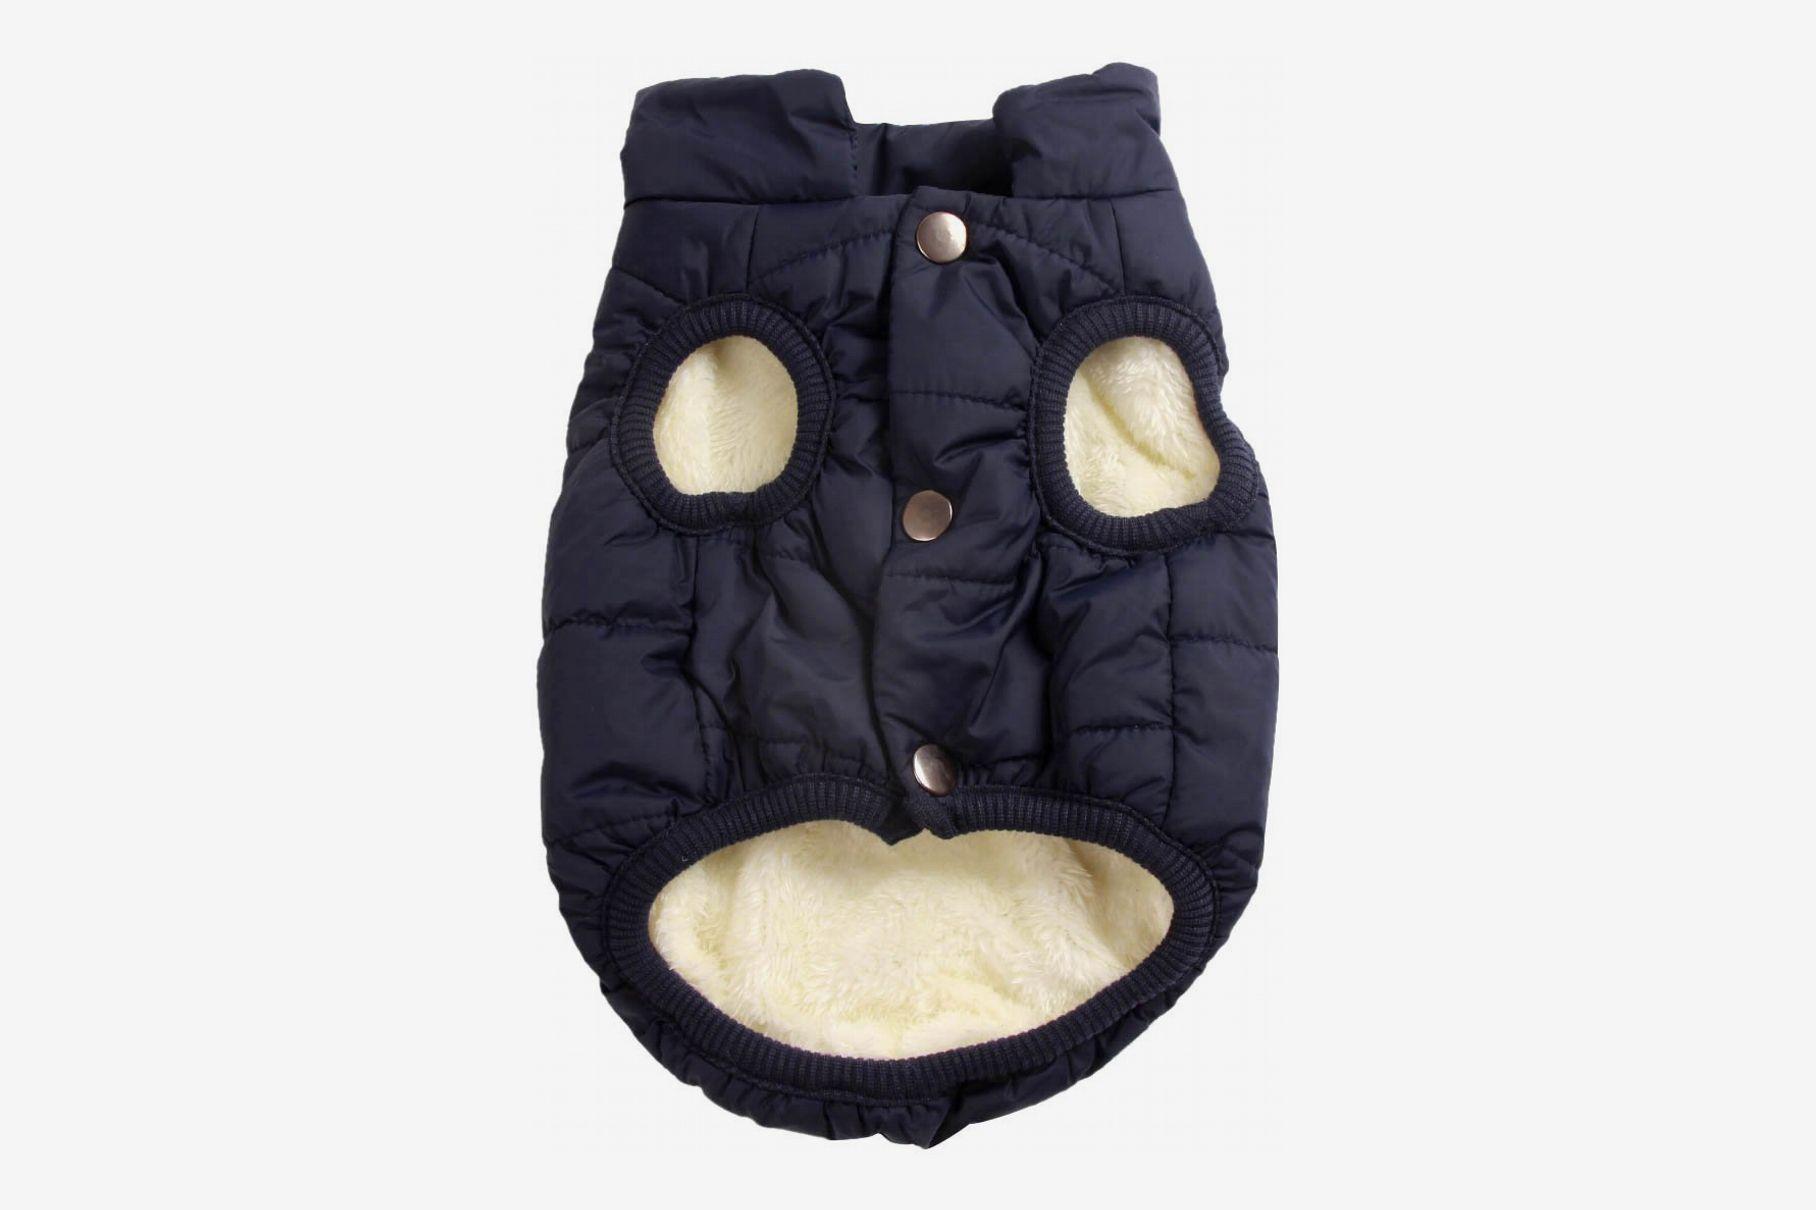 JoyDaog 2 Layers Fleece Lined Warm Dog Jacket